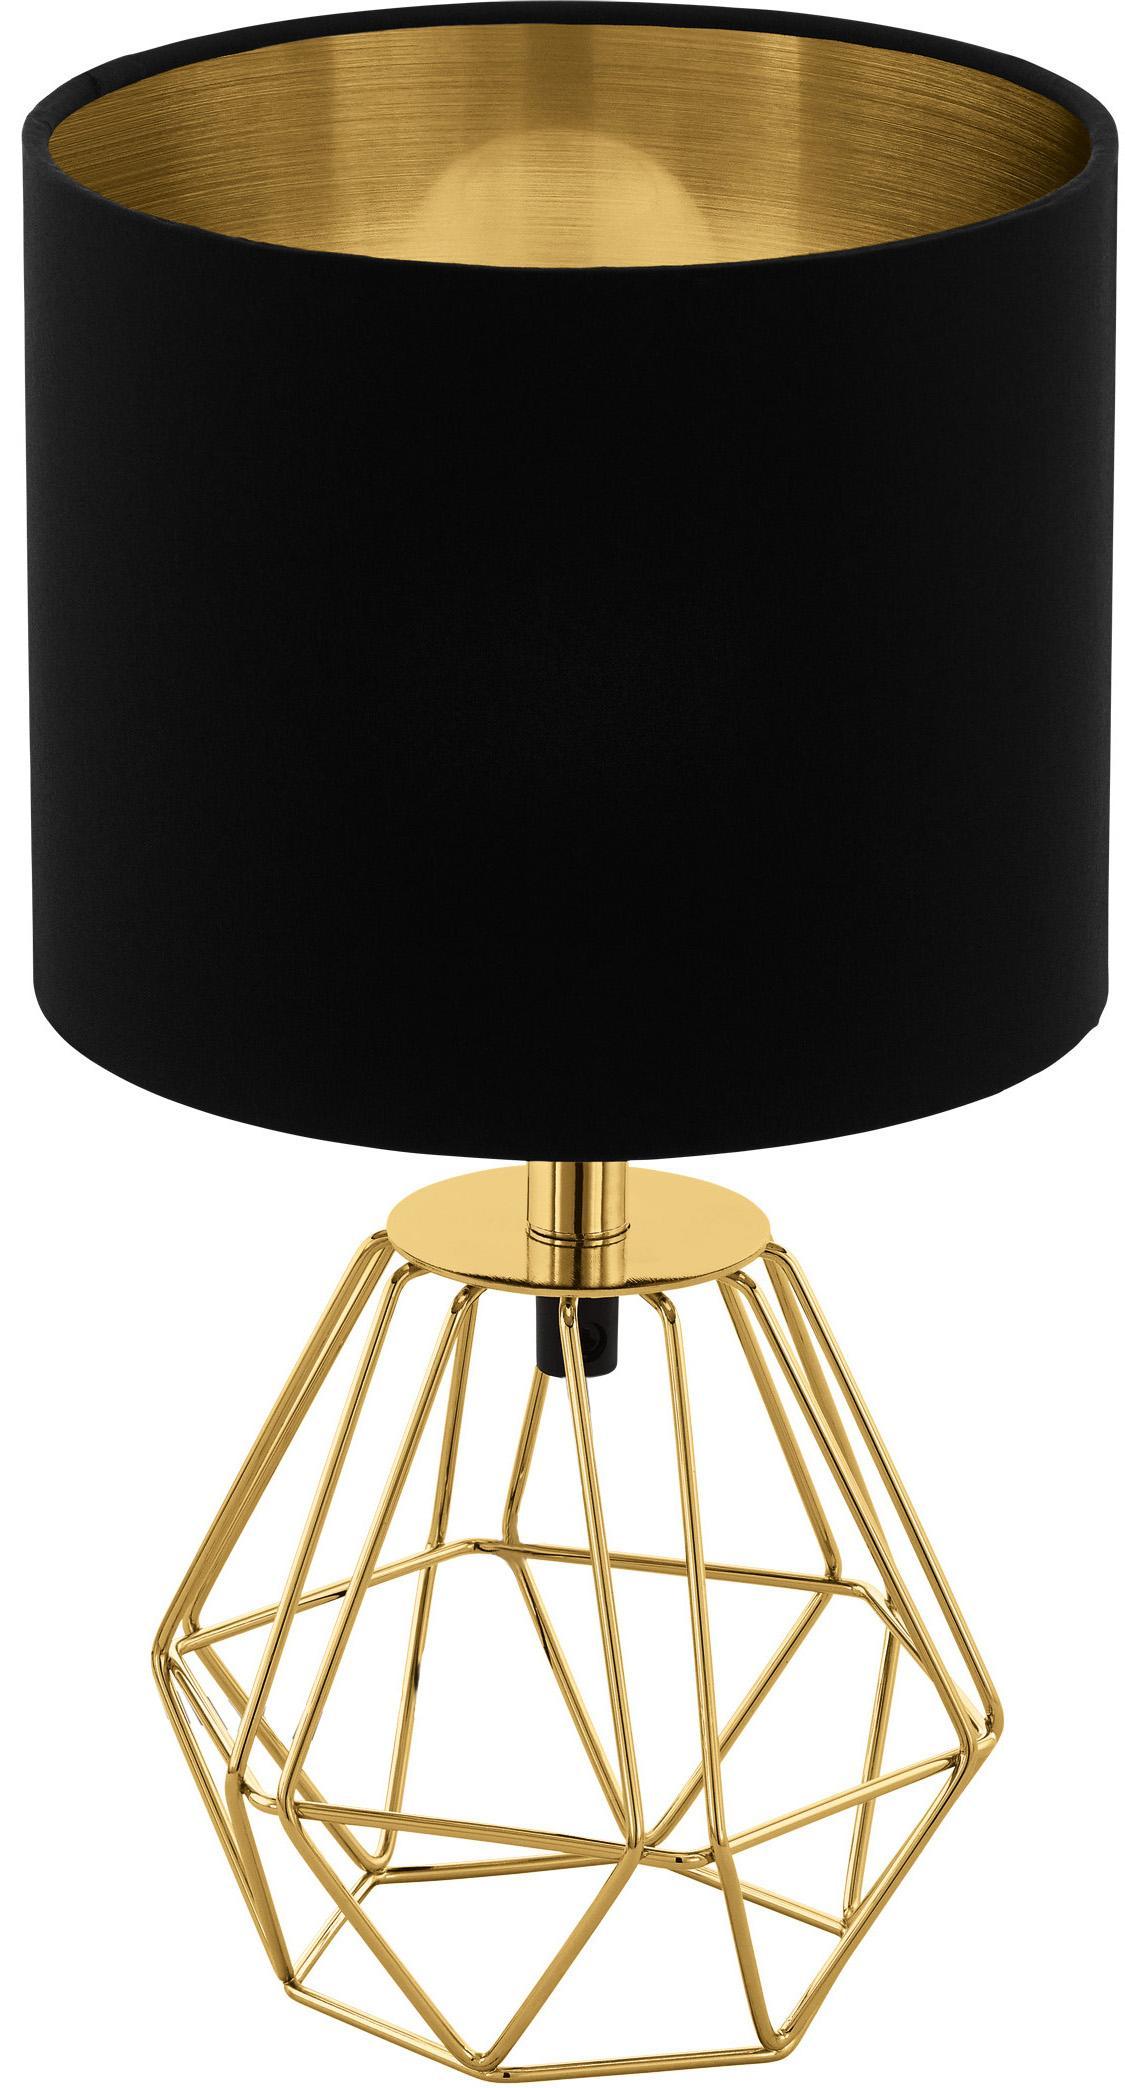 Lampa stołowa Phil, Czarny, złoty, Ø 17  x W 31 cm